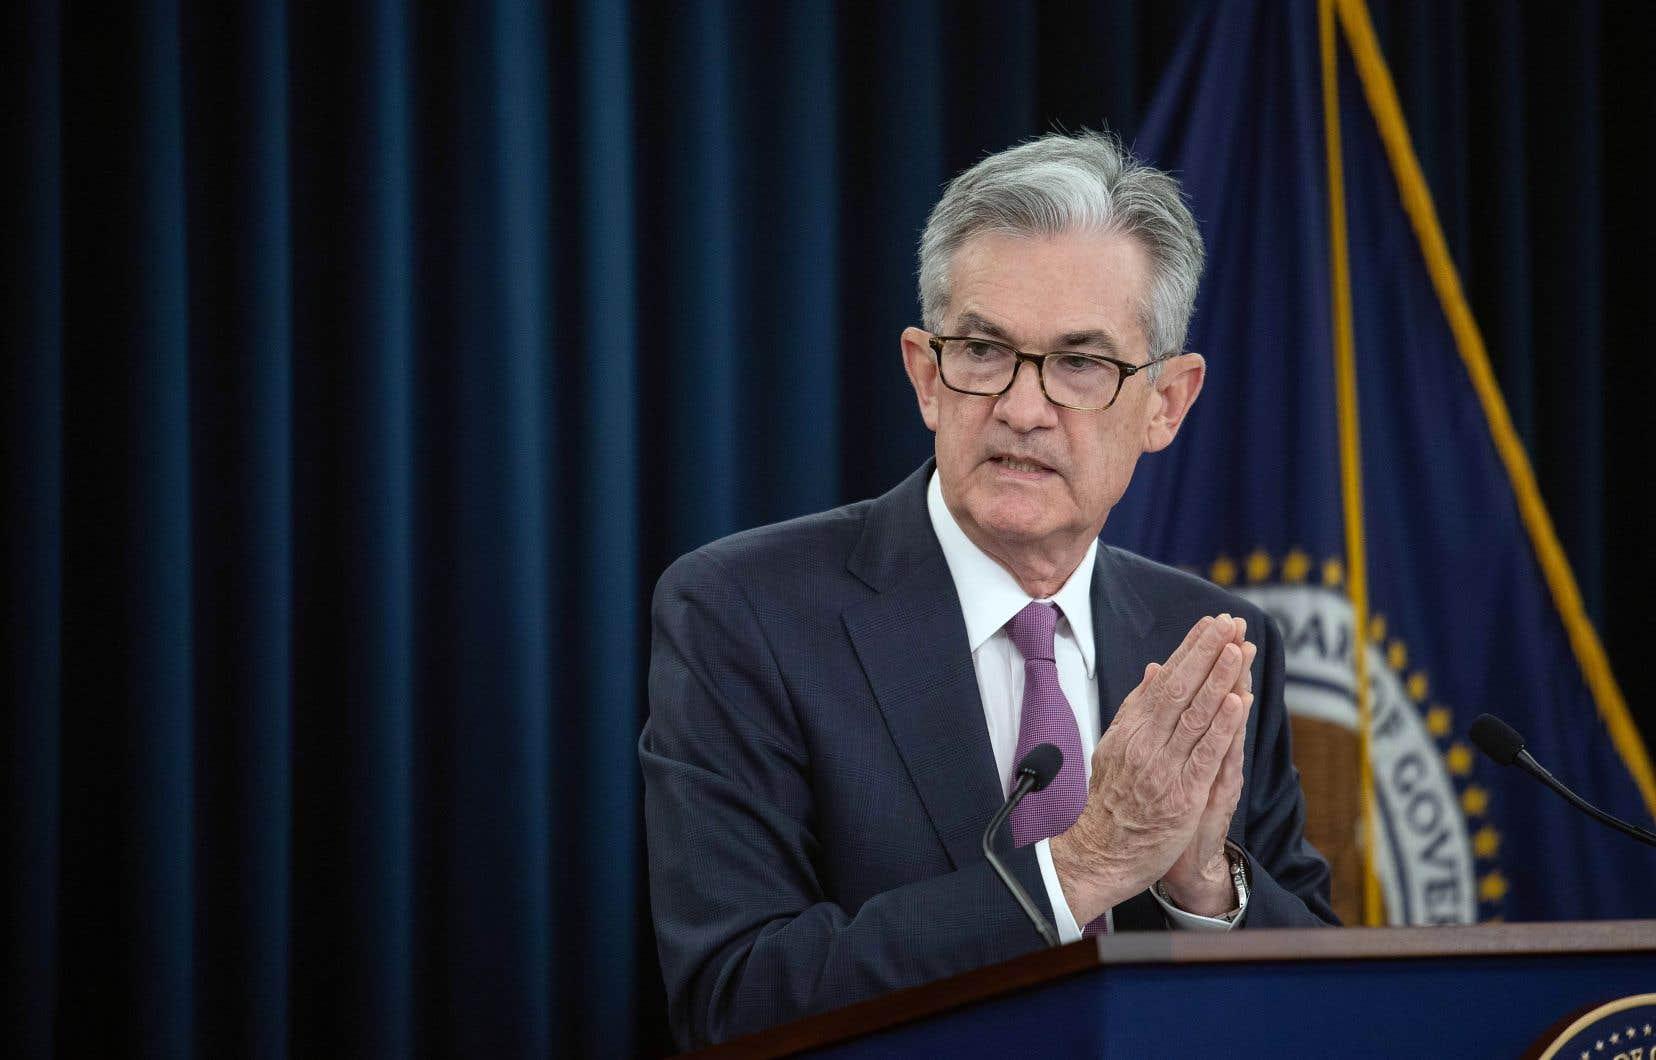 Jerome Powell, président de la Fed, a pris la parole mercredi lors d'une conférence de presse, après une rencontre du comité de politique monétaire de son organisation.